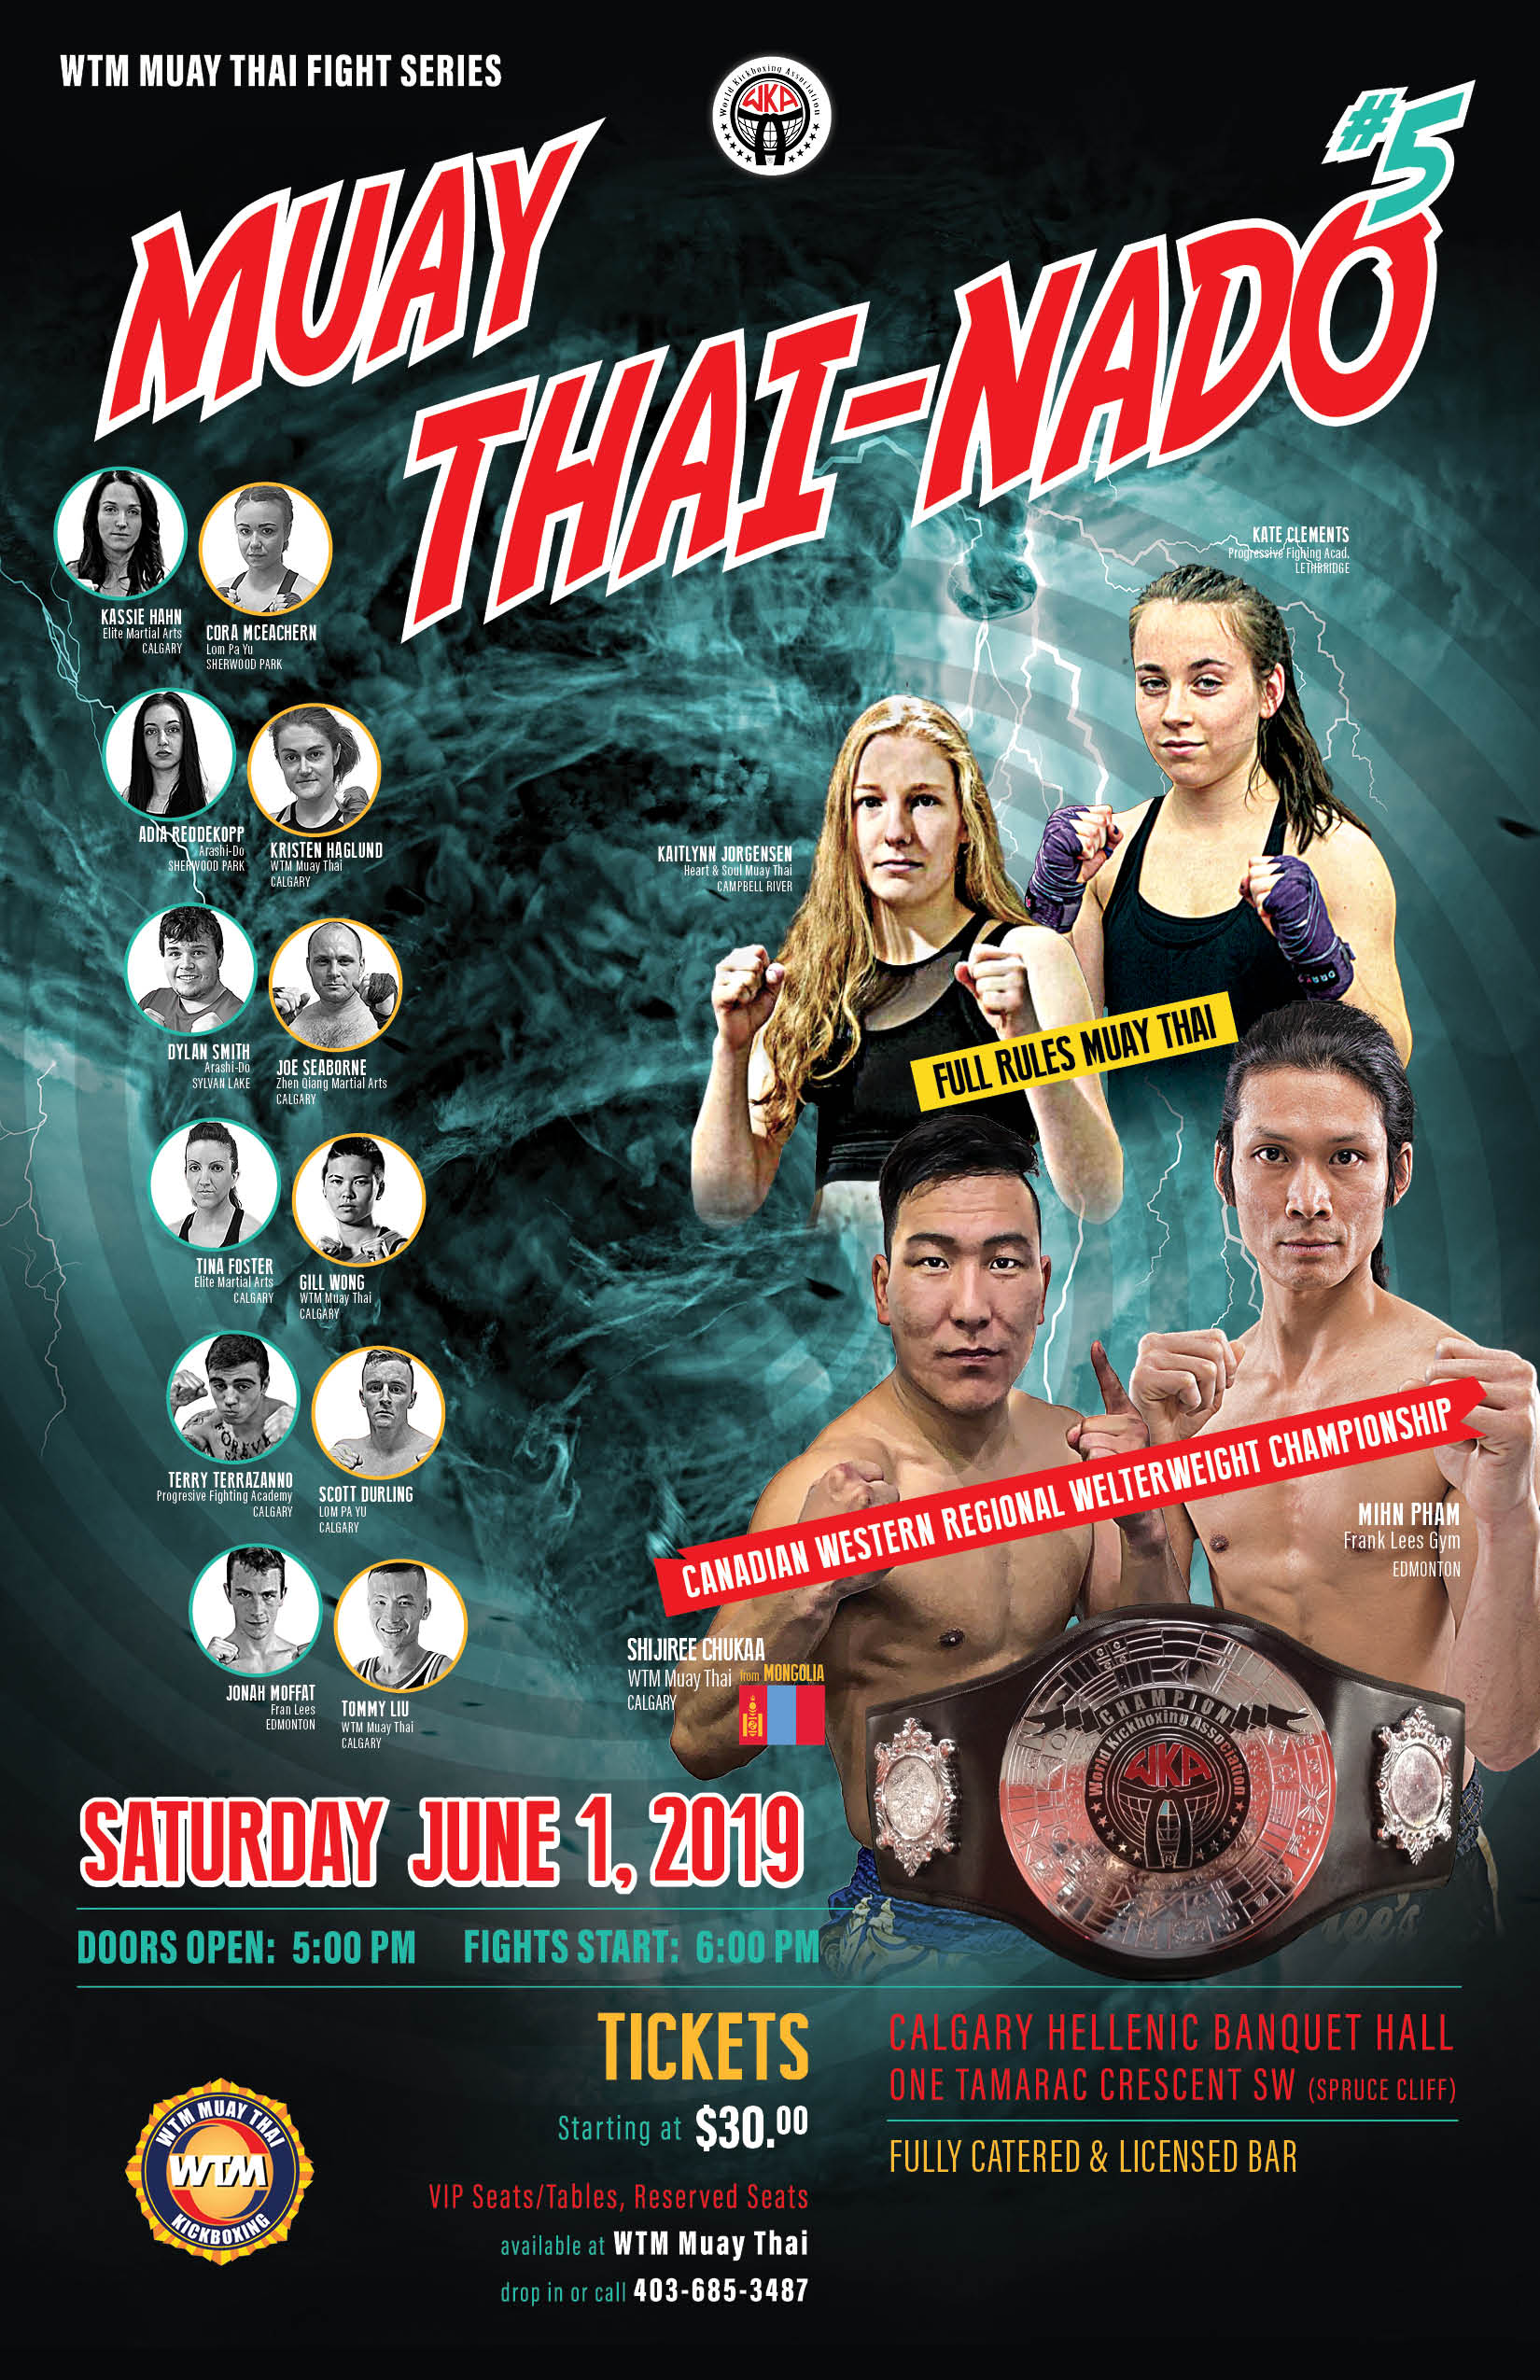 Muay Thai-Nado5 Poster.jpg